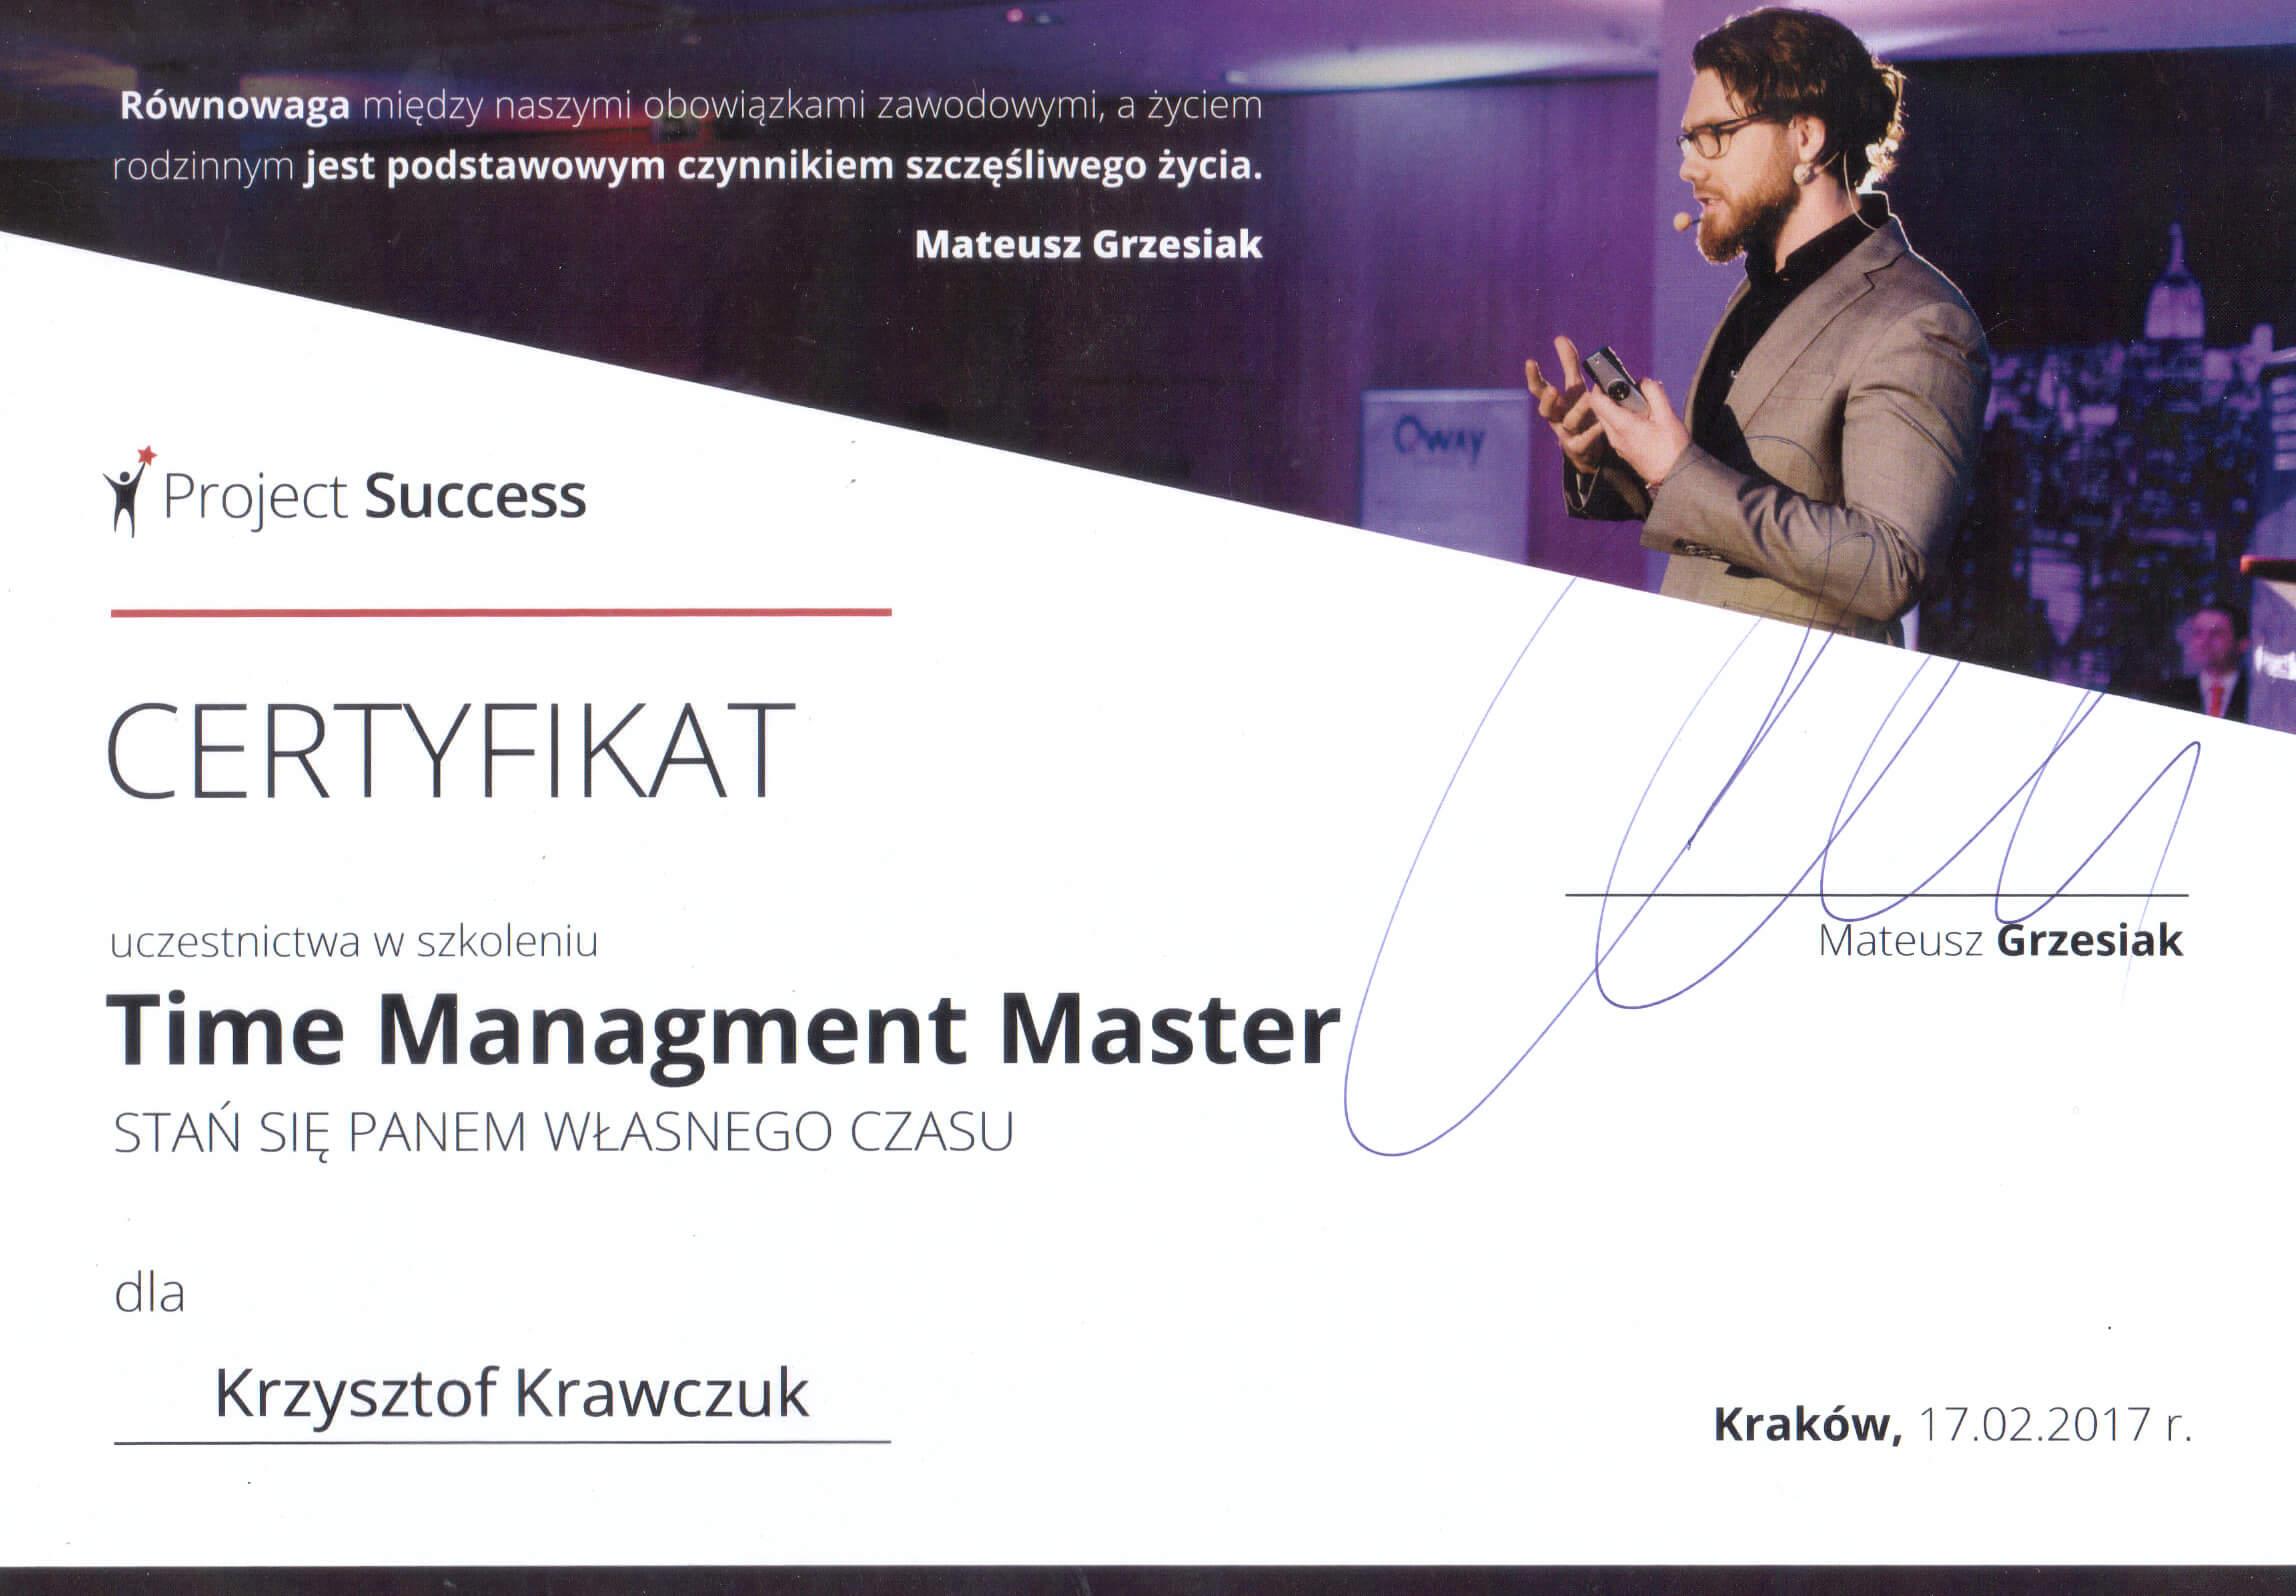 Certyfikat Time management master